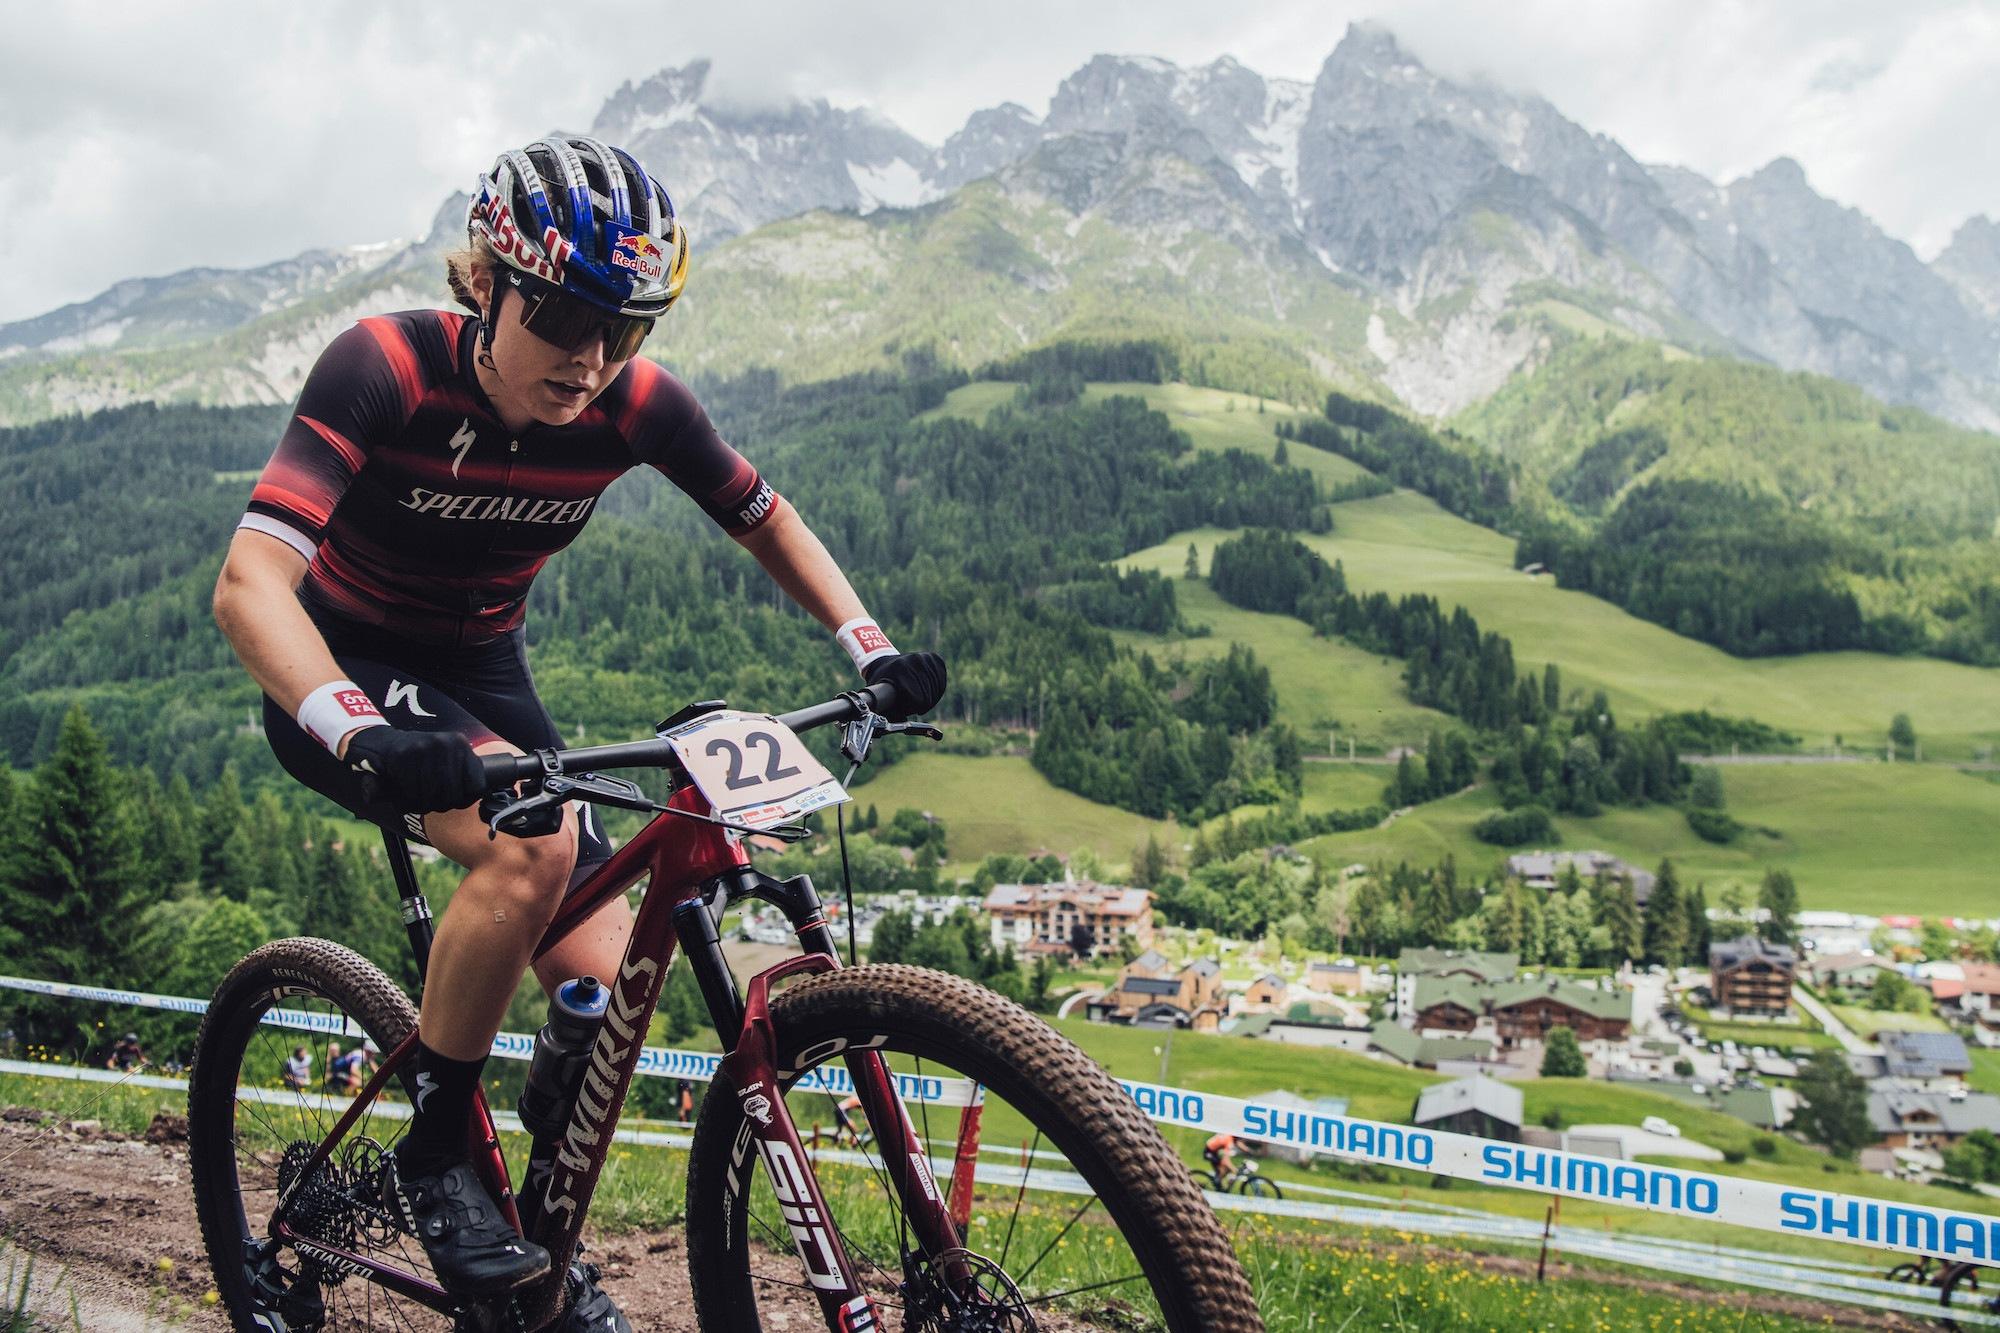 UCI MTB World Cup Saalfelden-Leogang// Doppel-Sieg für Flückiger  und Lecomte, Stigger glänzt mit 3. Platz